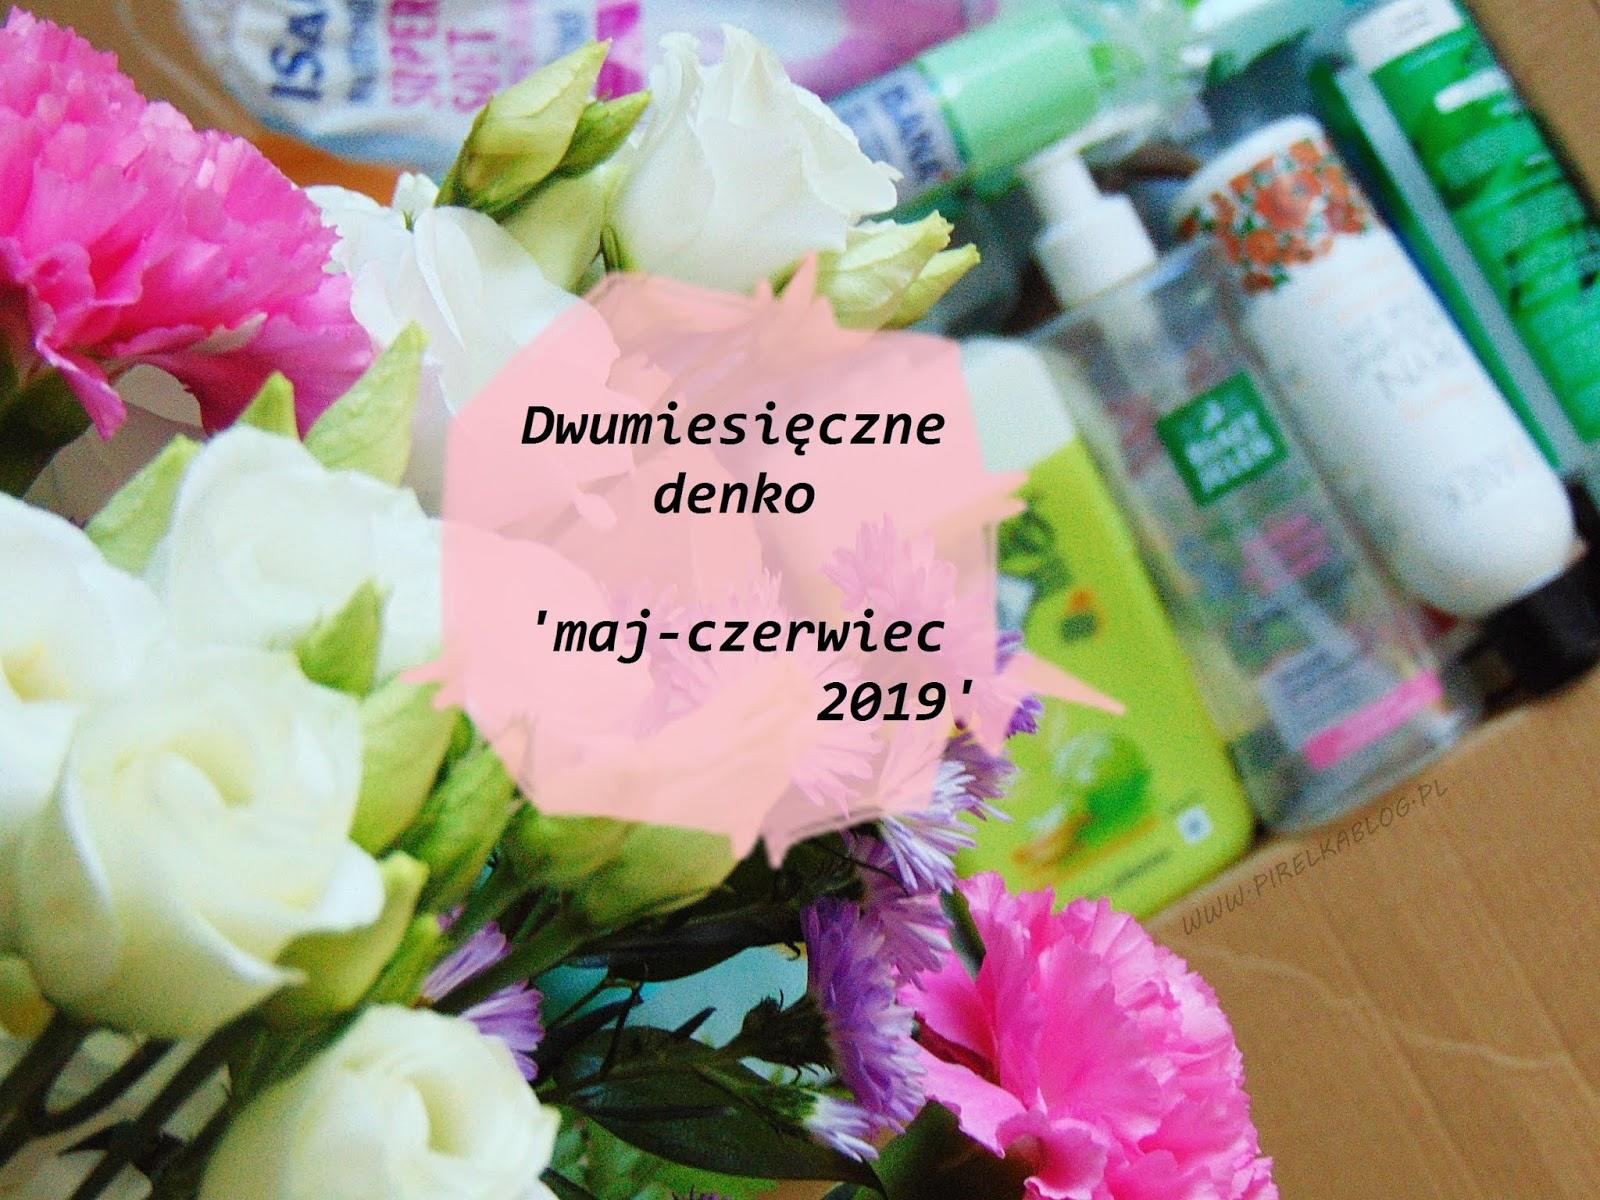 Dwumiesięczne denko 'maj-czerwiec 2019'